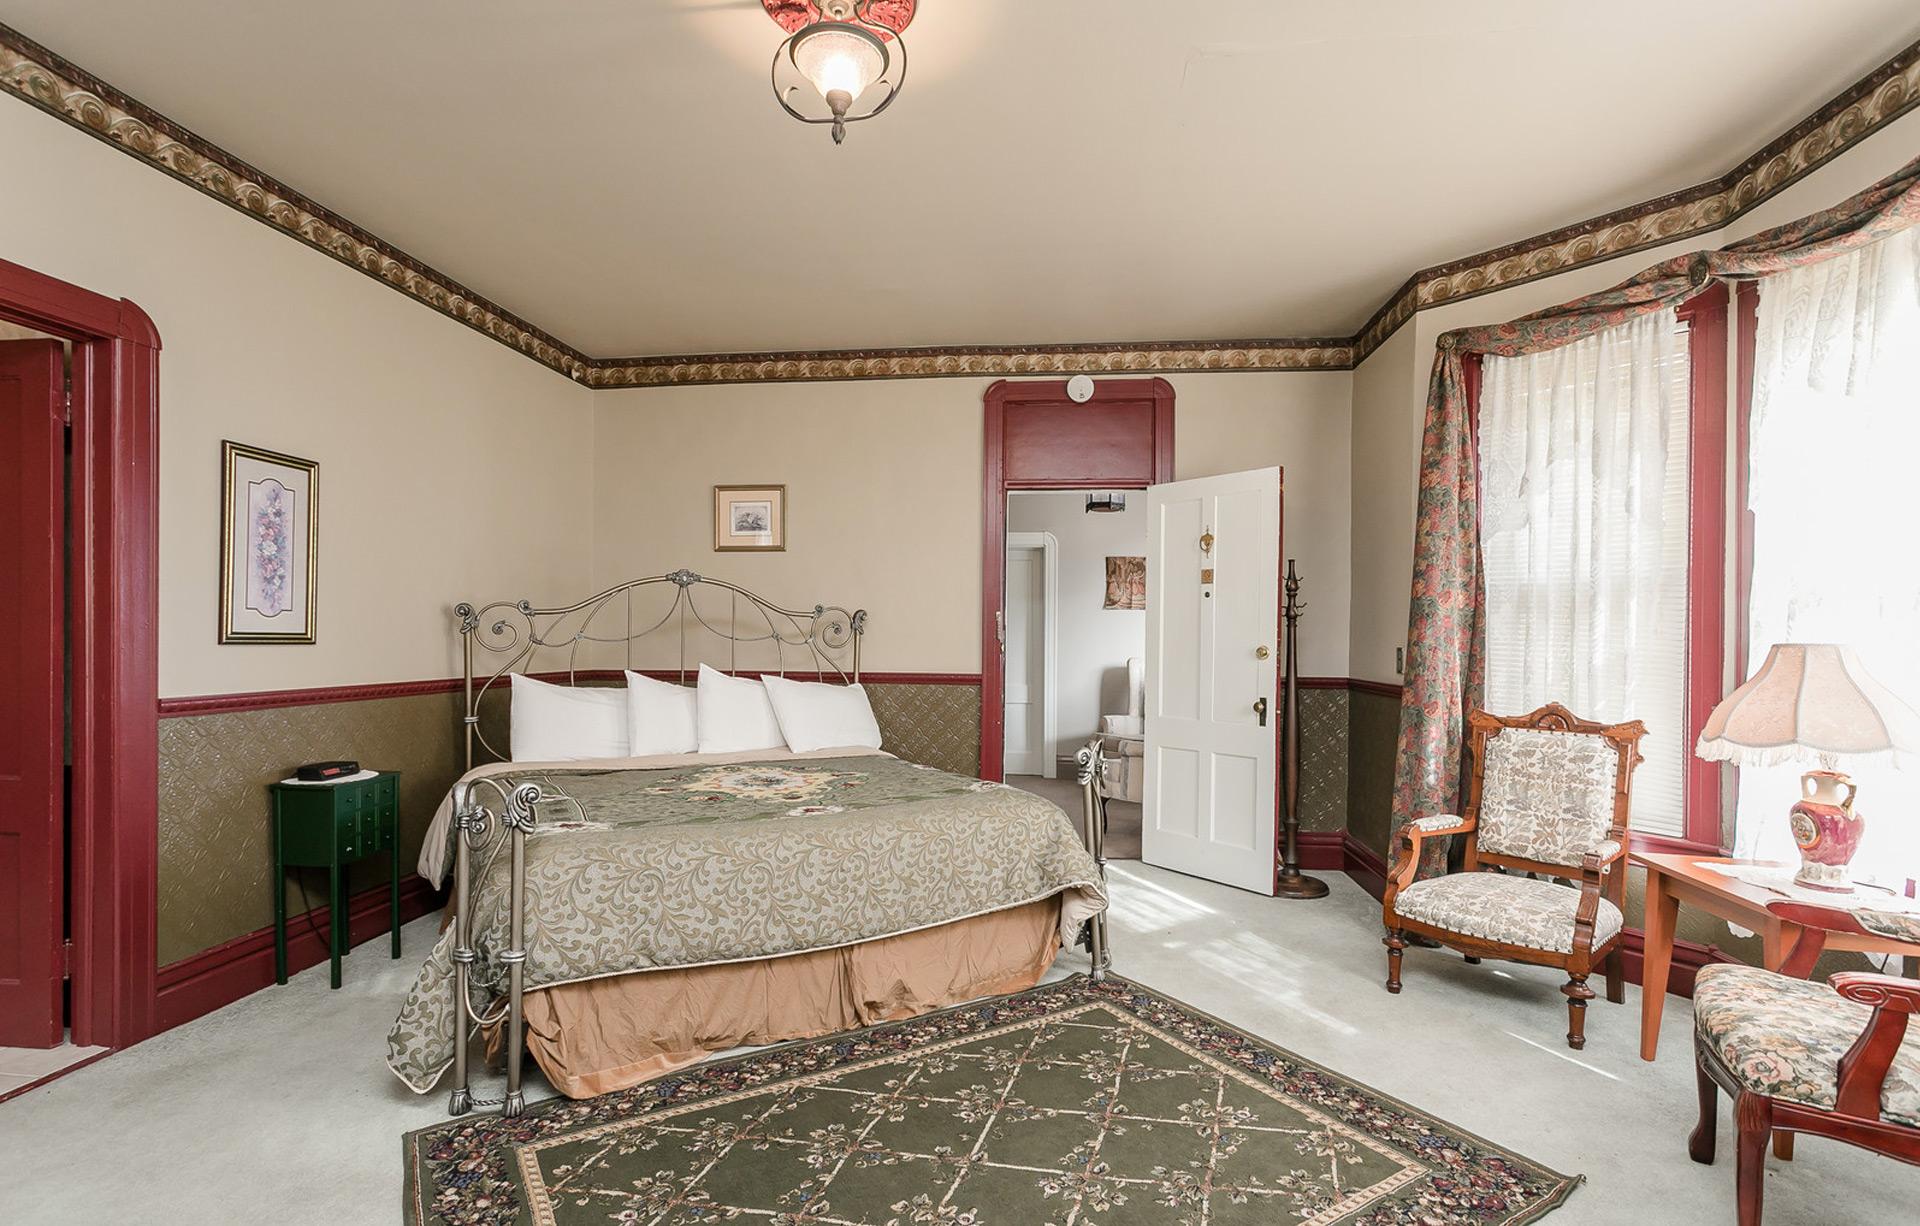 Cabernet Room King Bed